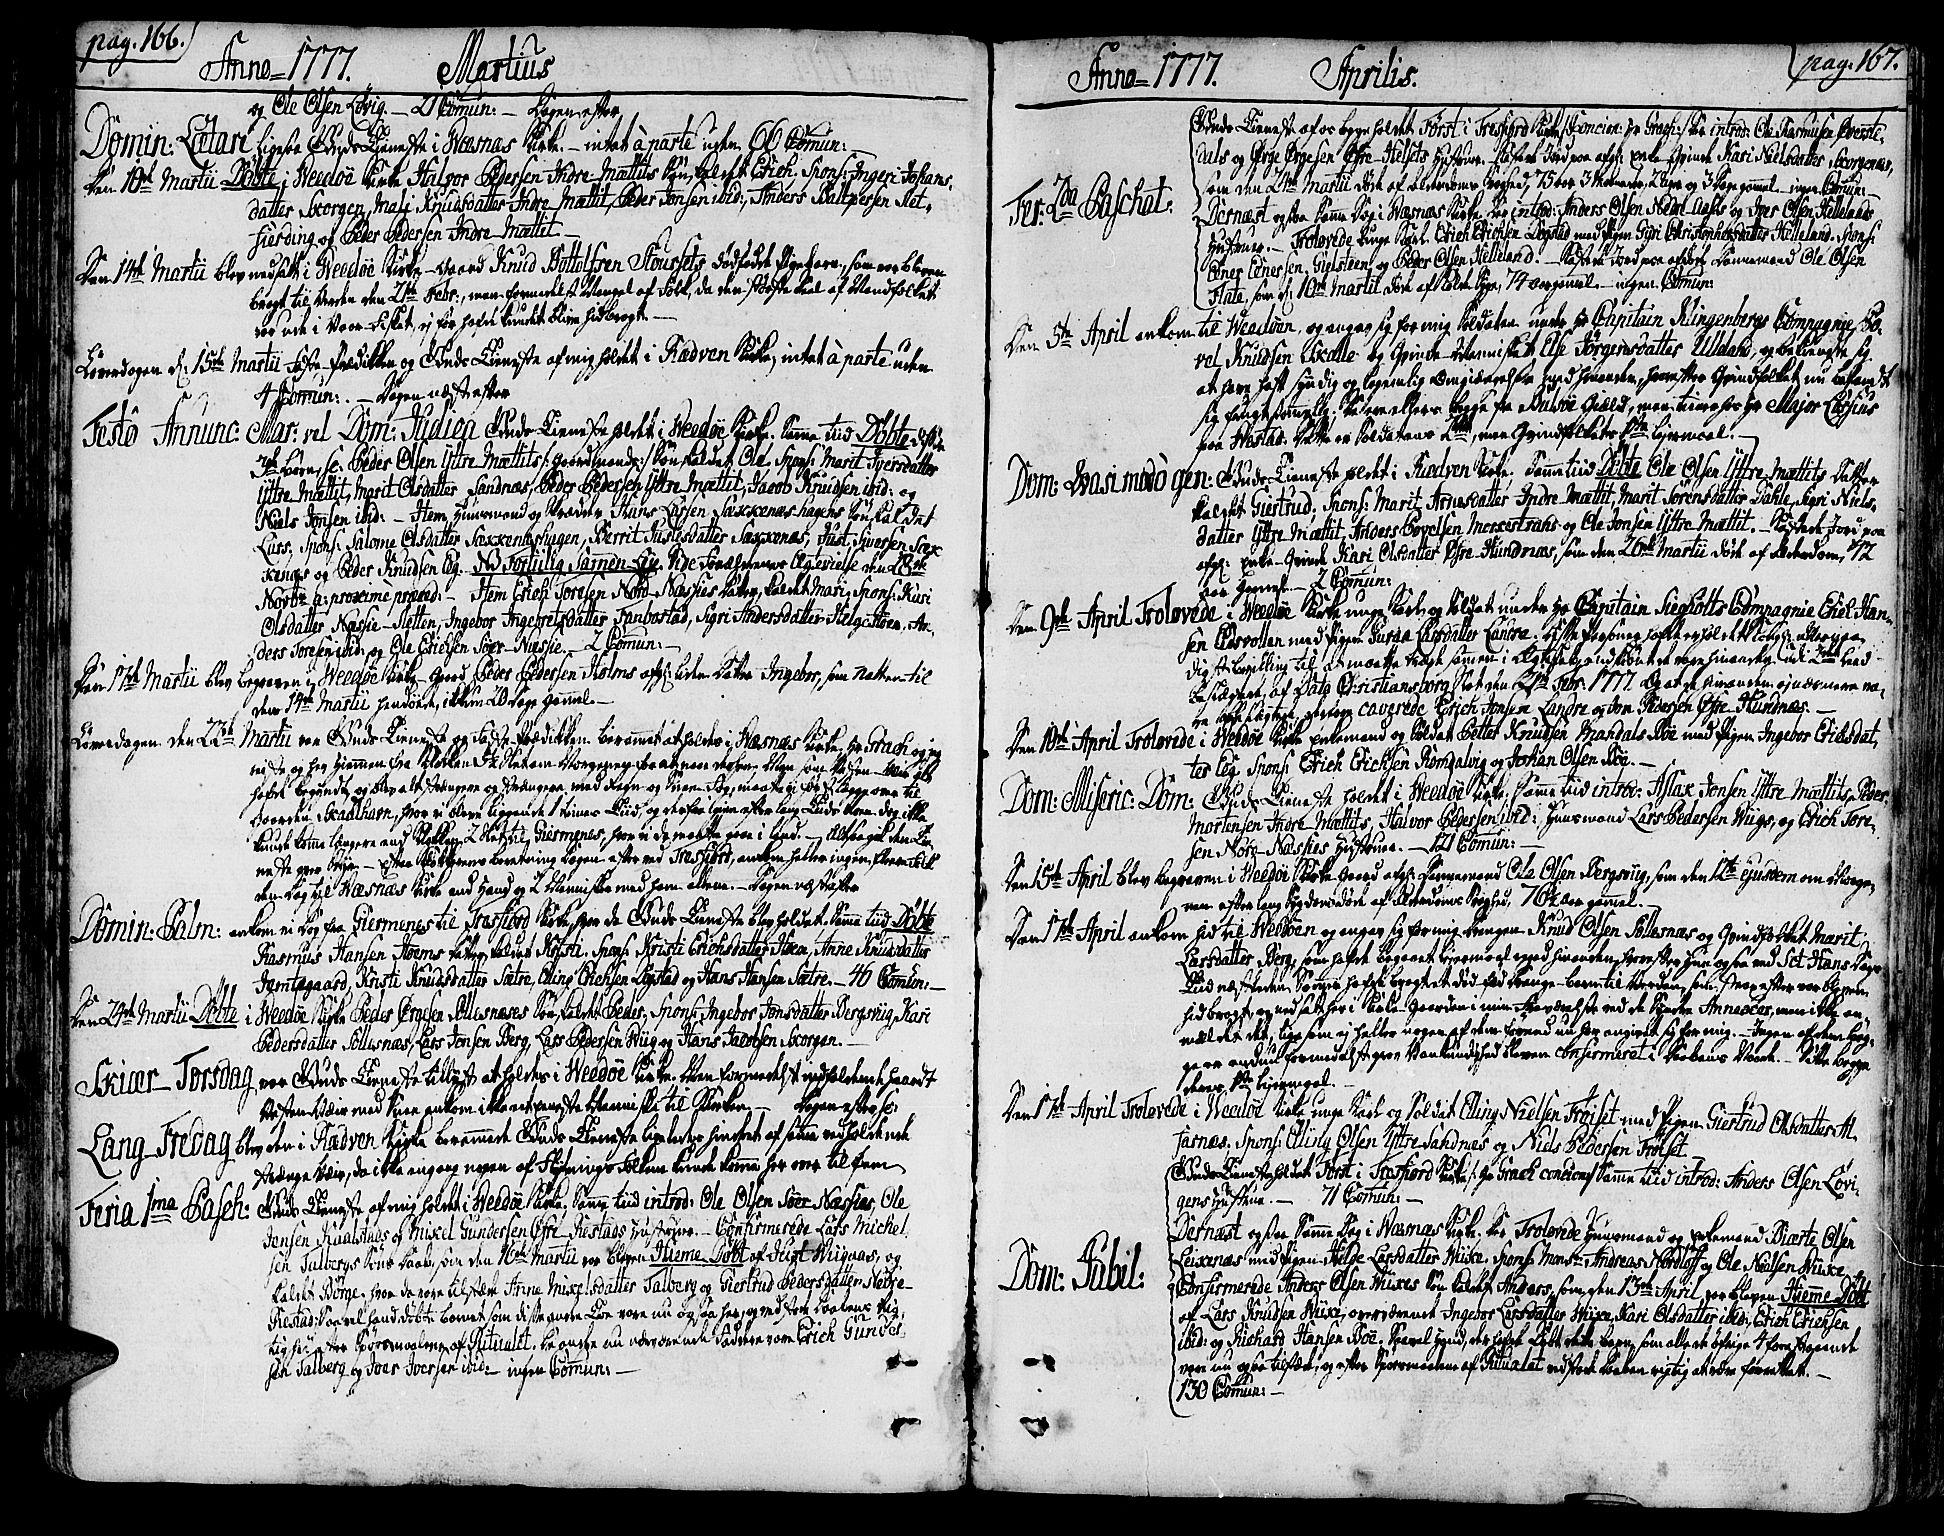 SAT, Ministerialprotokoller, klokkerbøker og fødselsregistre - Møre og Romsdal, 547/L0600: Ministerialbok nr. 547A02, 1765-1799, s. 166-167